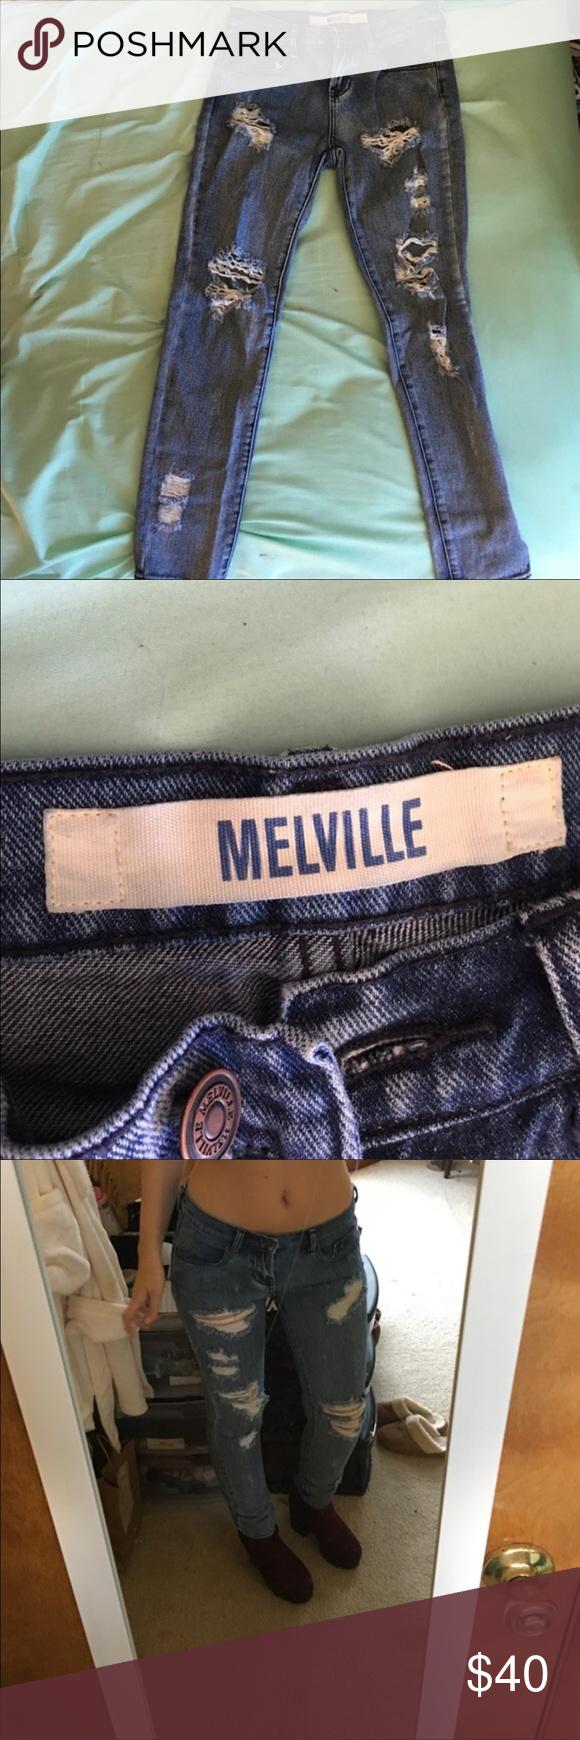 Destroyed denim jeans High waisted destroyed brandy Melville jeans Brandy Melville Jeans Skinny